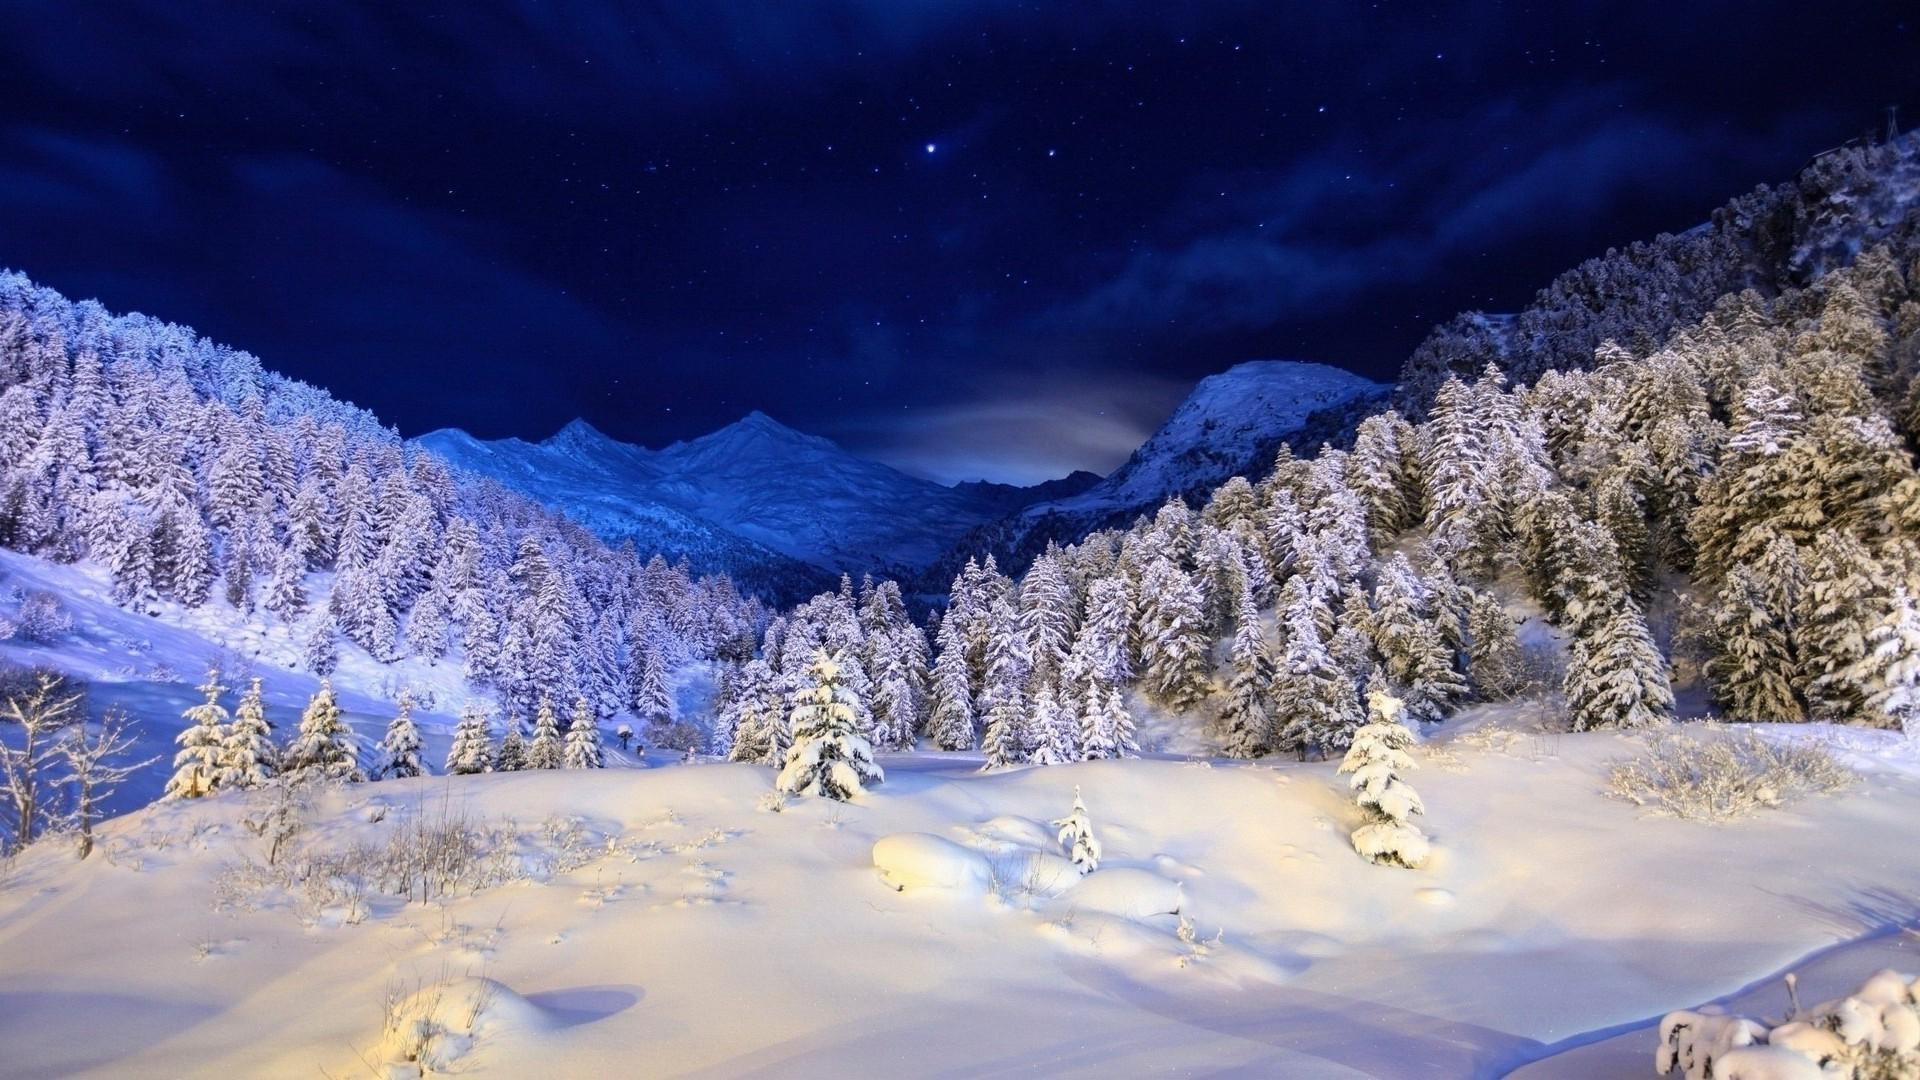 обои зима на рабочий стол пейзажи № 640874 загрузить